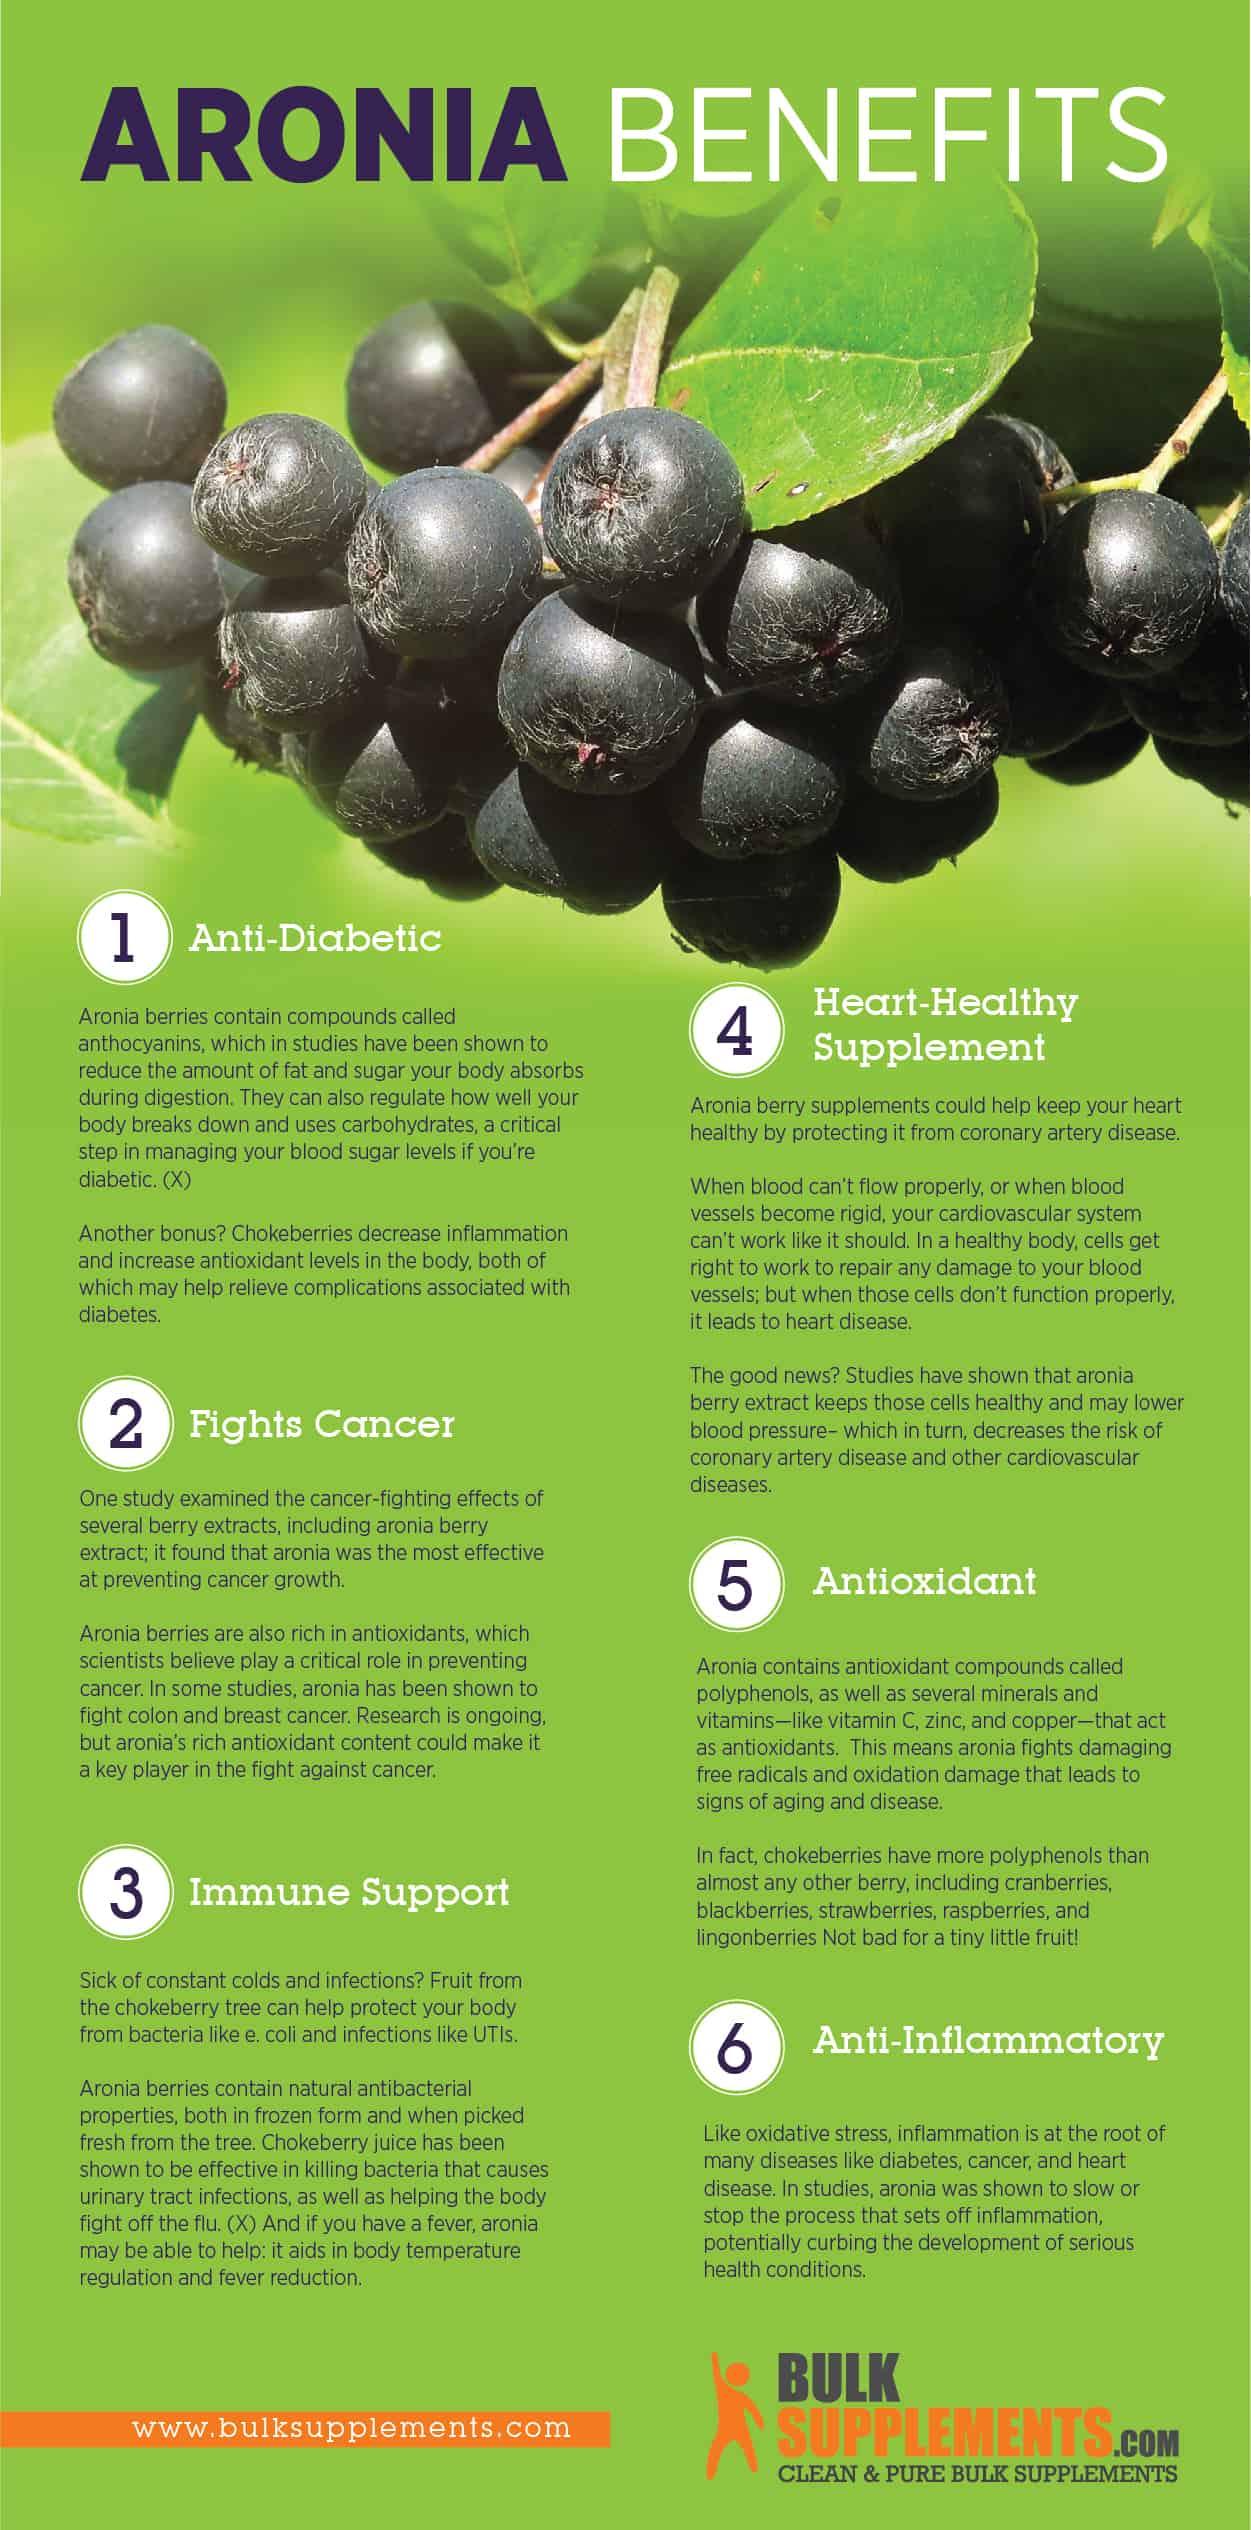 Aronia Benefits